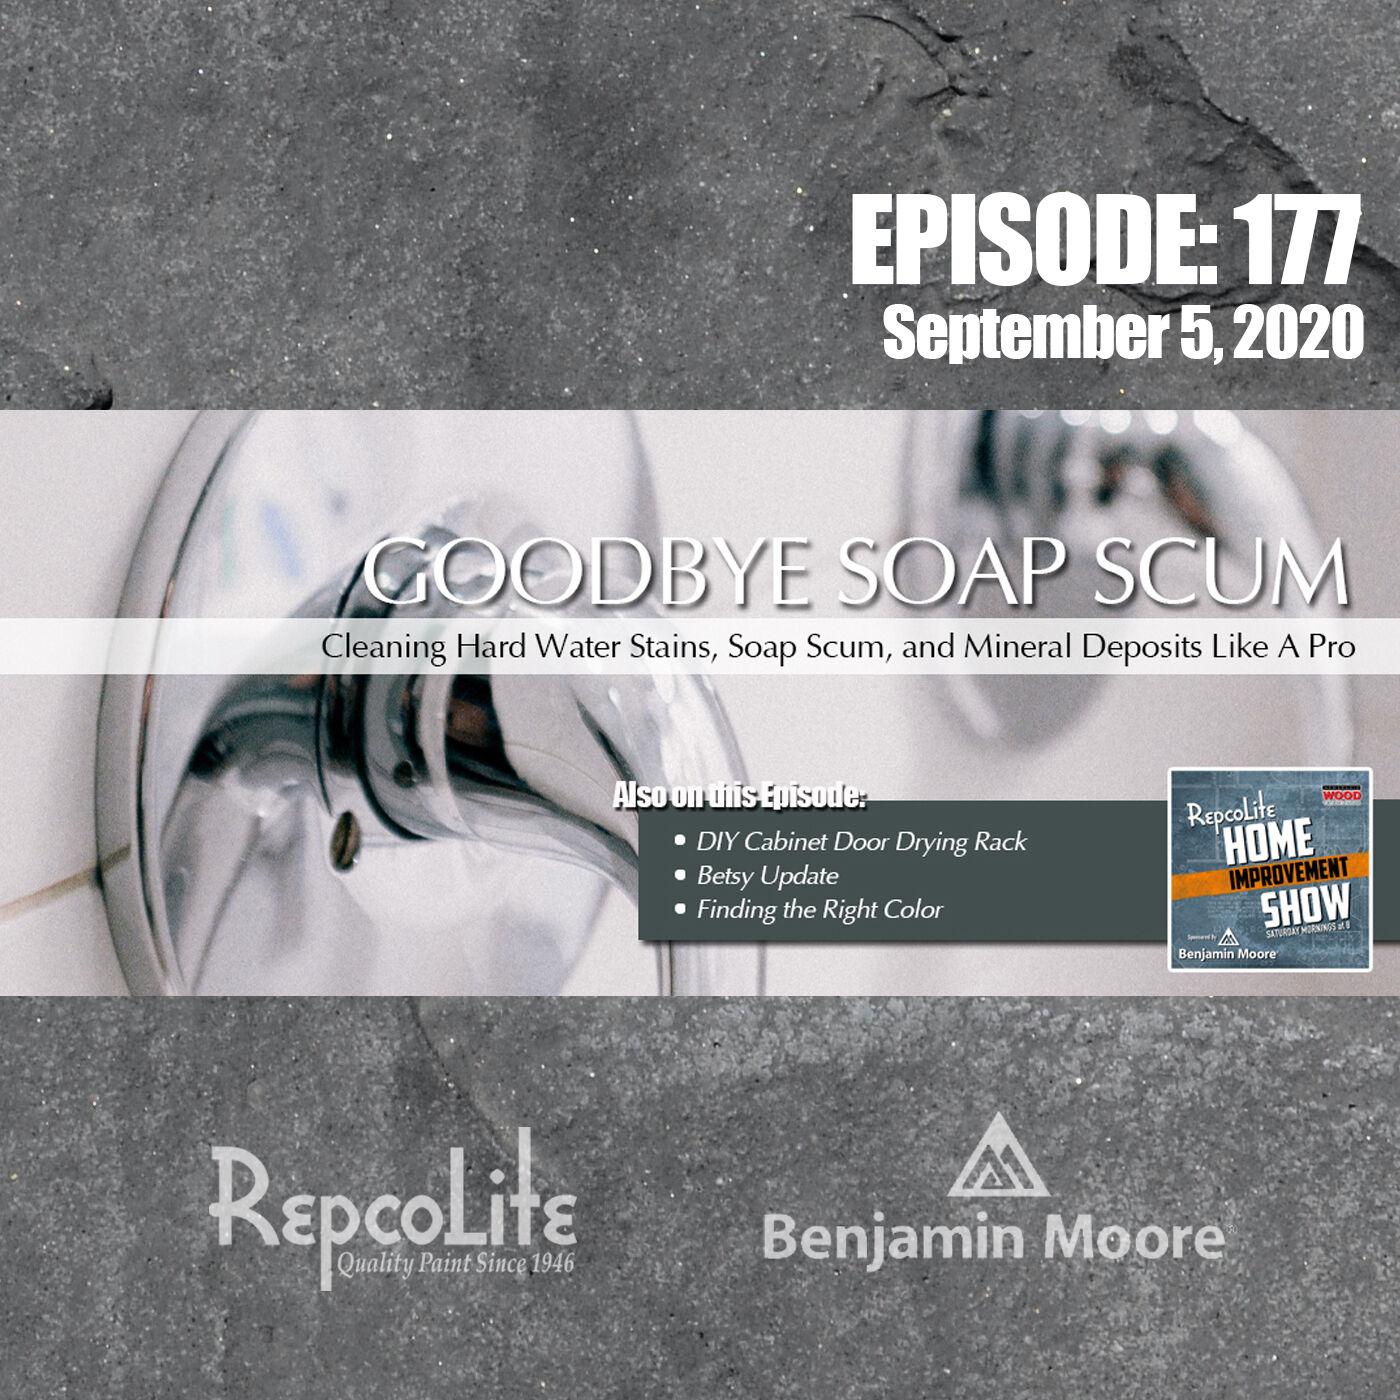 Artwork for podcast RepcoLite Home Improvement Show